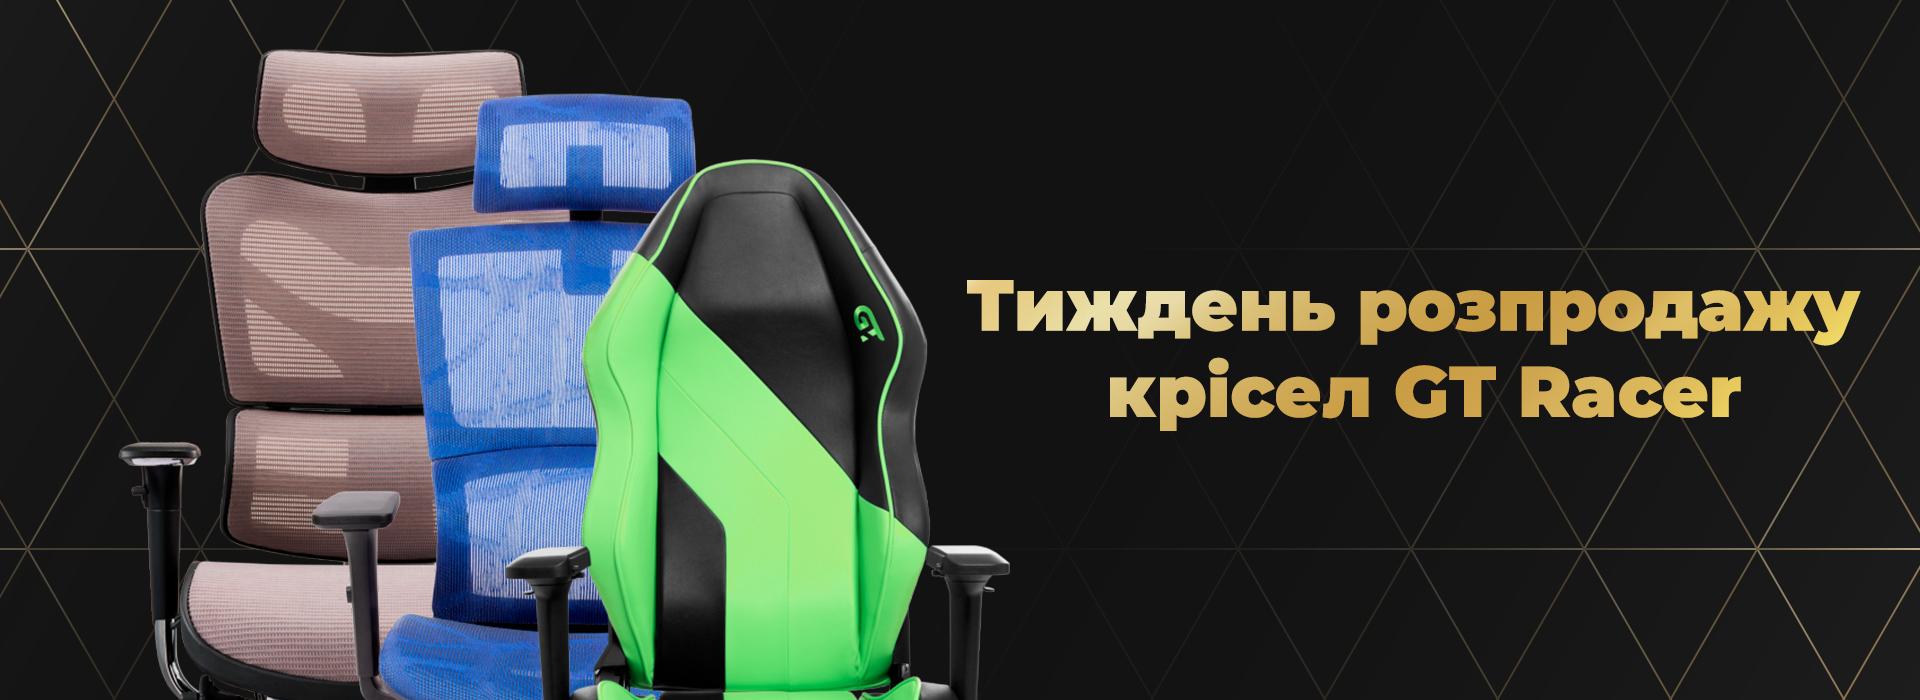 Акція! Тиждень розпродажу крісел Gt Racer!